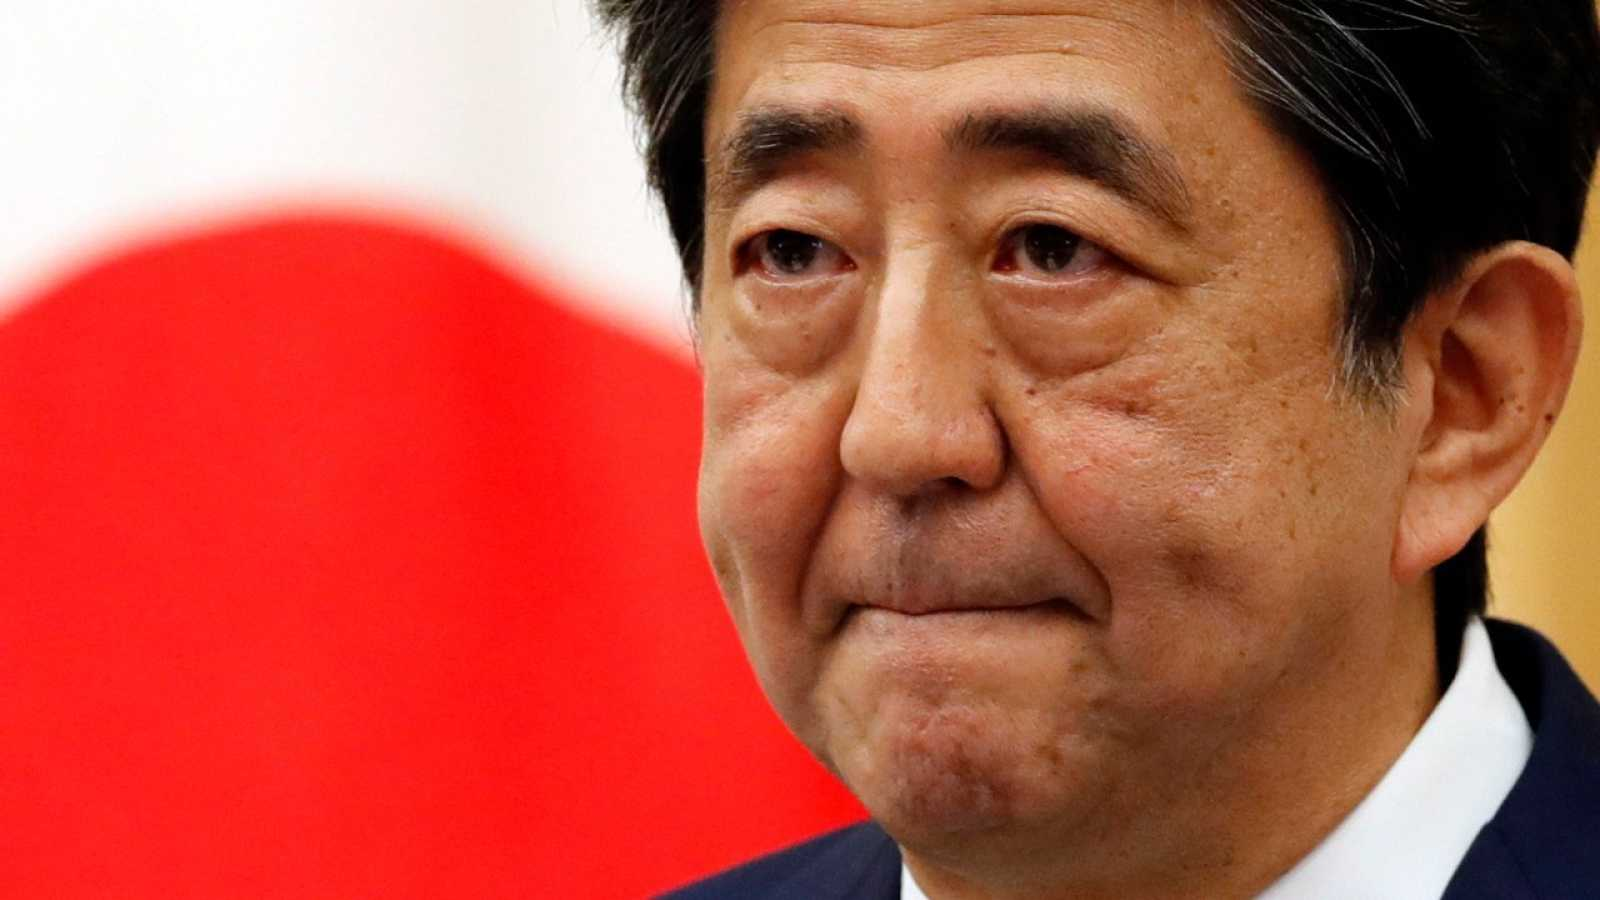 Shinzo Abe confirma su intención de renunciar como primer ministro de Japón